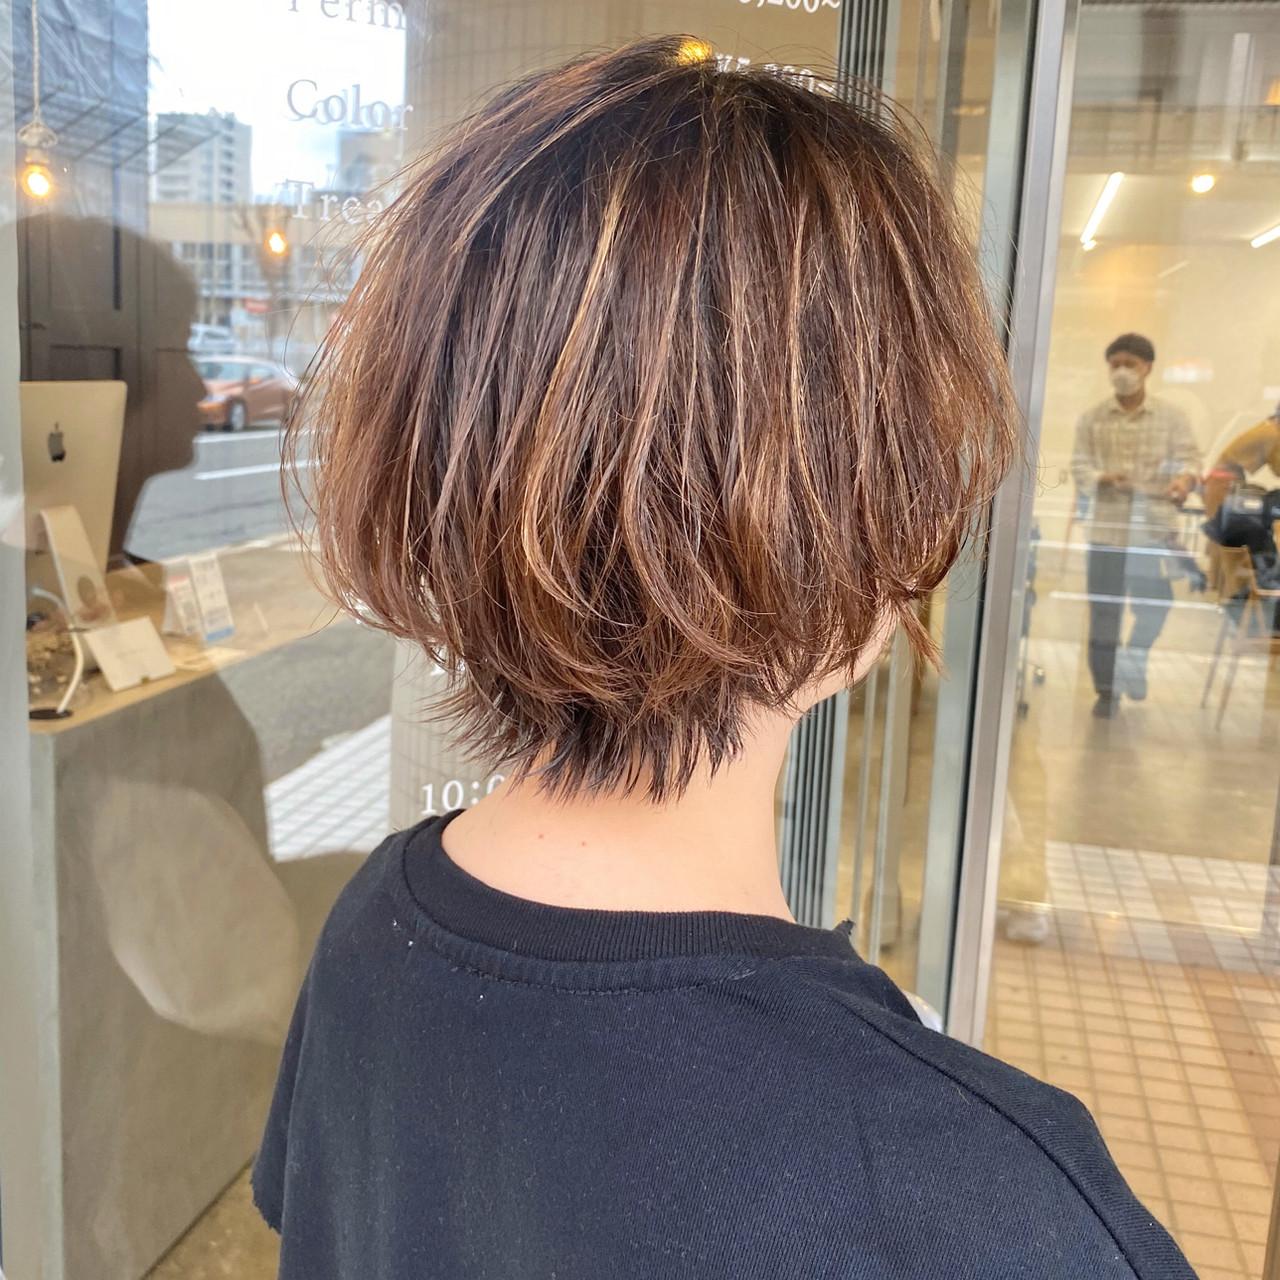 ショートヘア 大人かわいい ショート 大人ショート ヘアスタイルや髪型の写真・画像 | 【ショート&ショートボブはお任せください】淺川聖 / parc sapporo